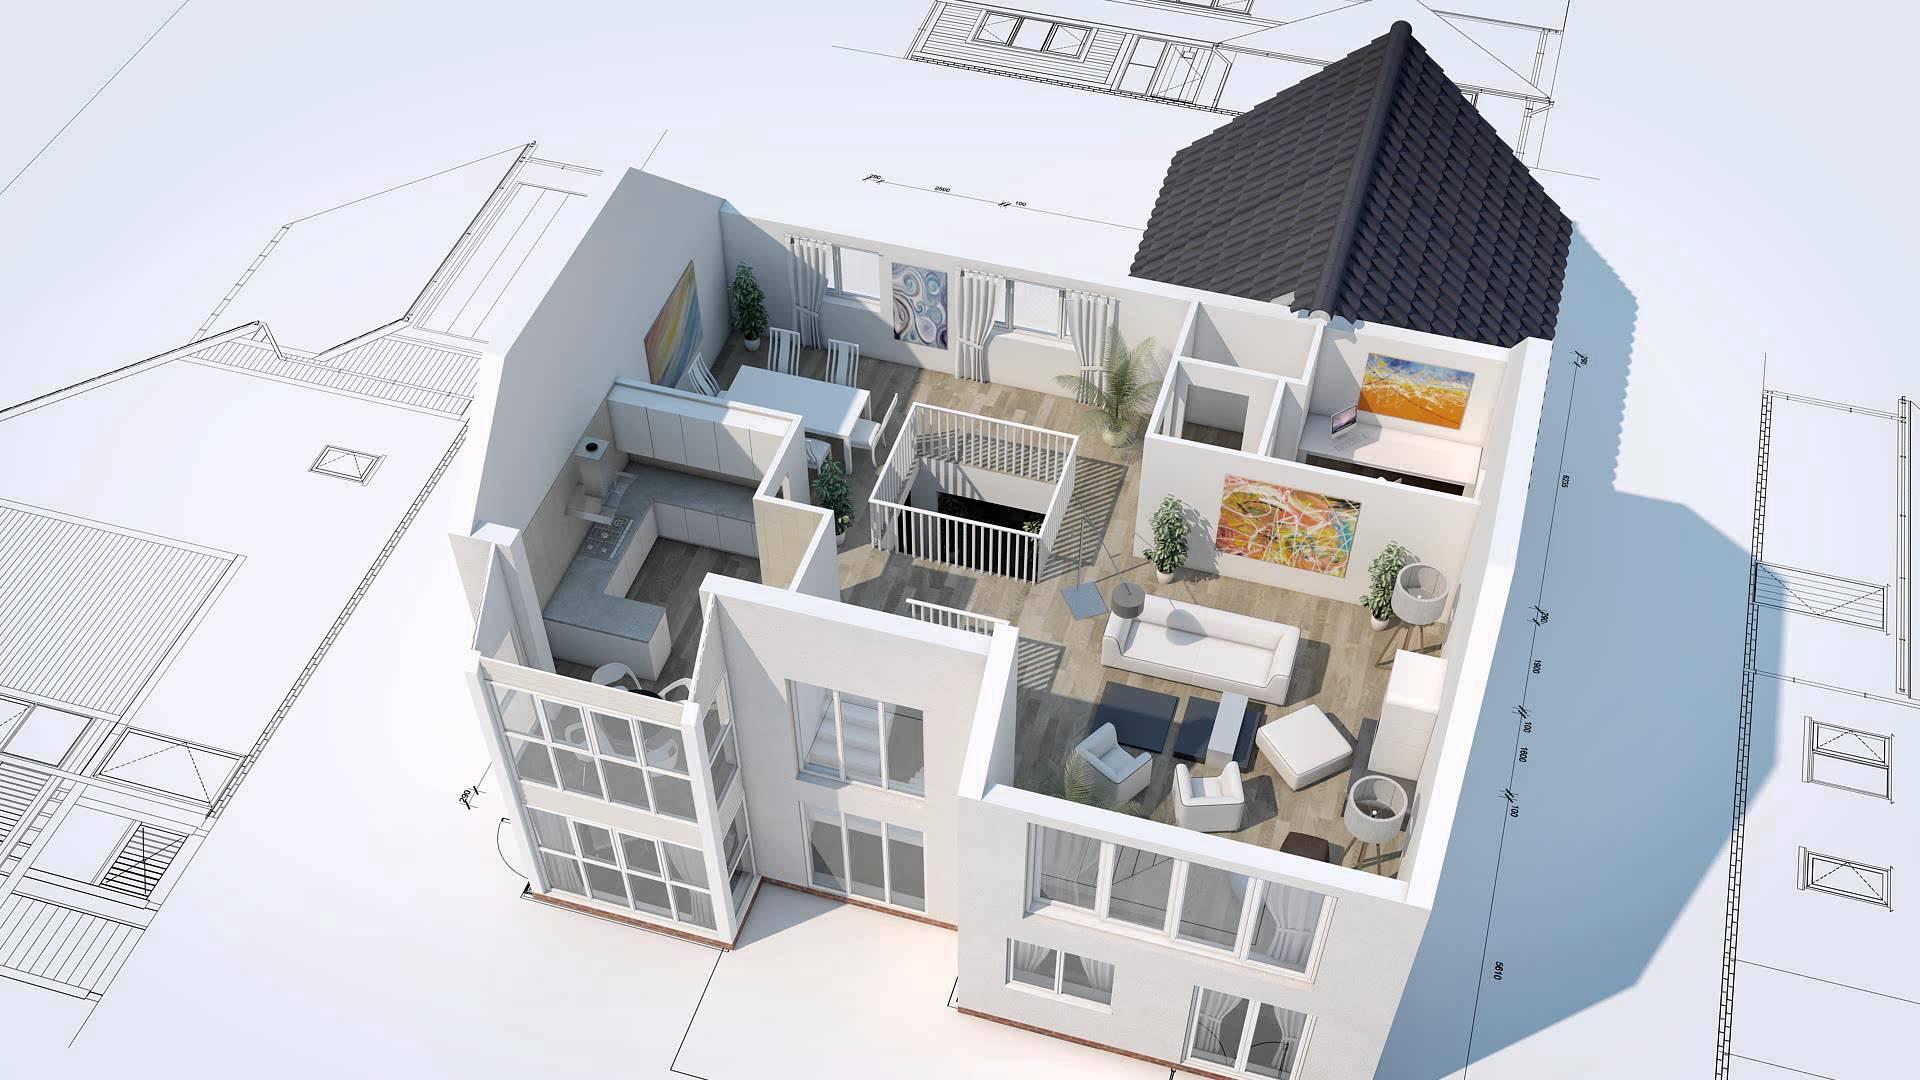 Как из фото сделать 3d модель здания